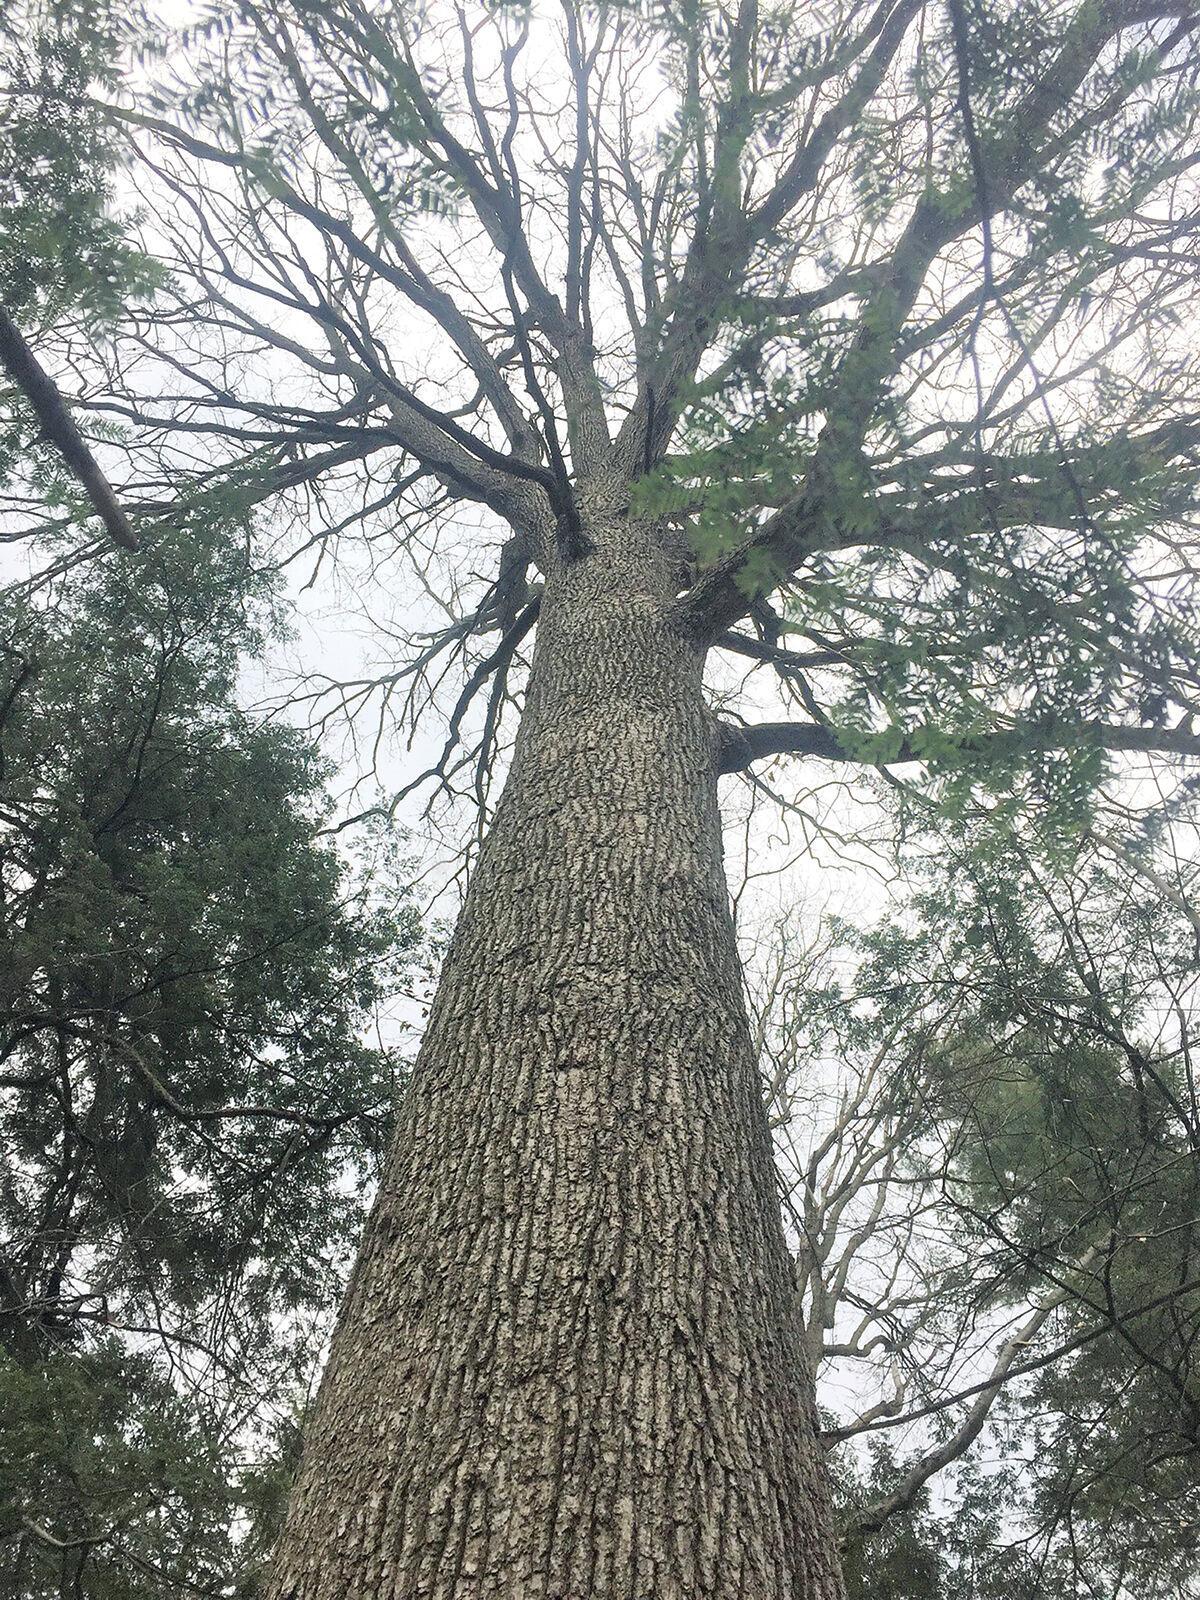 Wood from oak trees